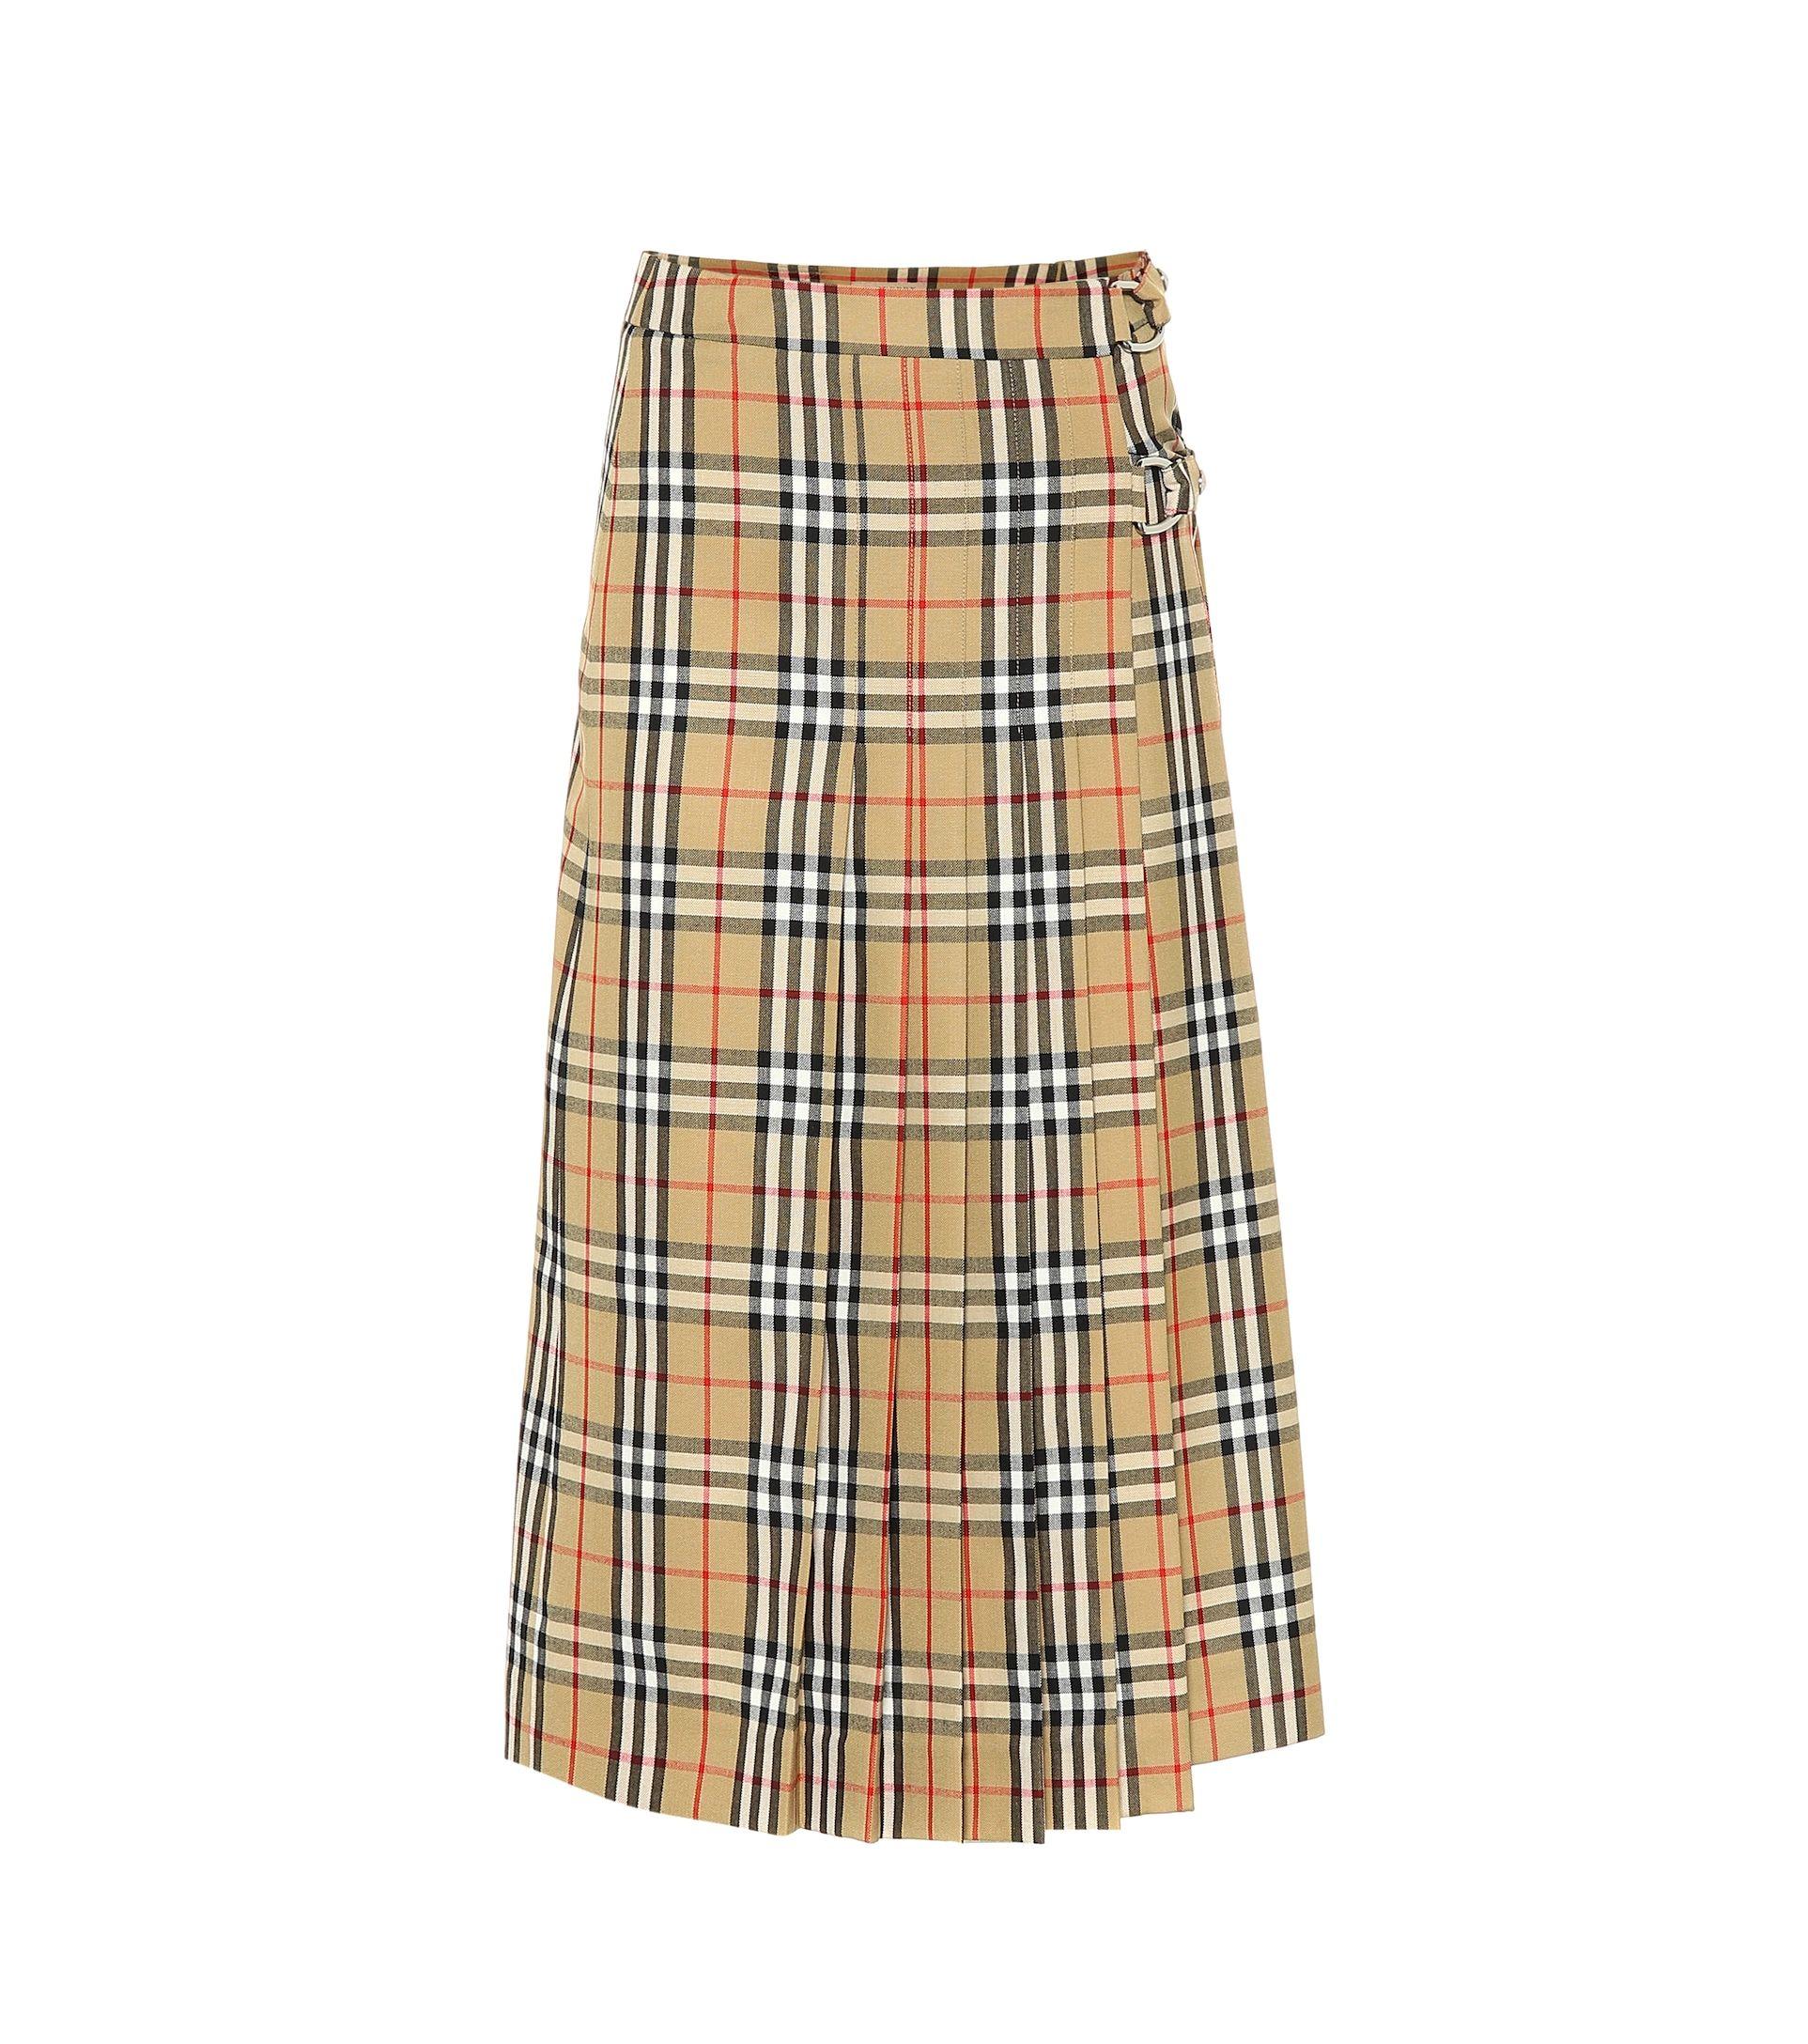 169137646598 Burberry - Check wool skirt | Mytheresa | Skirts | Burberry skirt ...